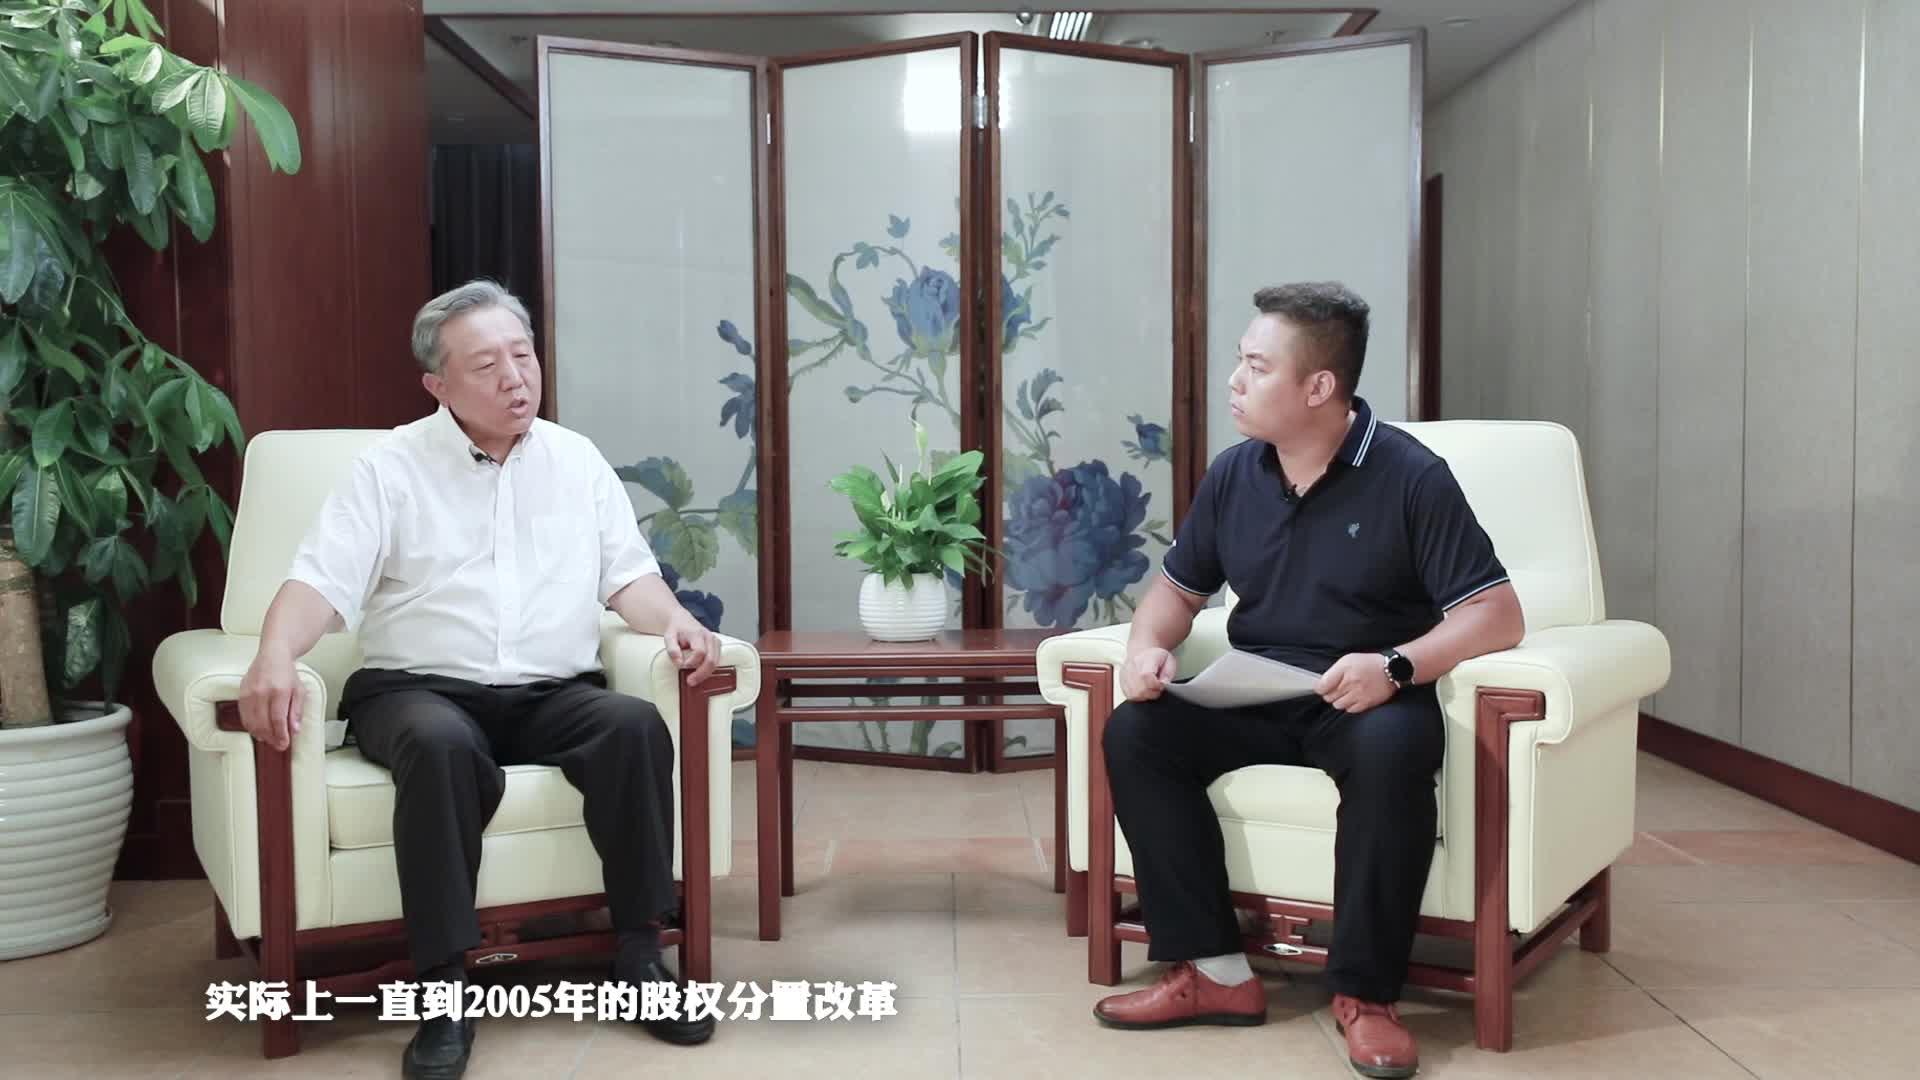 吴晓求:股权分置改革为中国资本市场发展奠定了基础